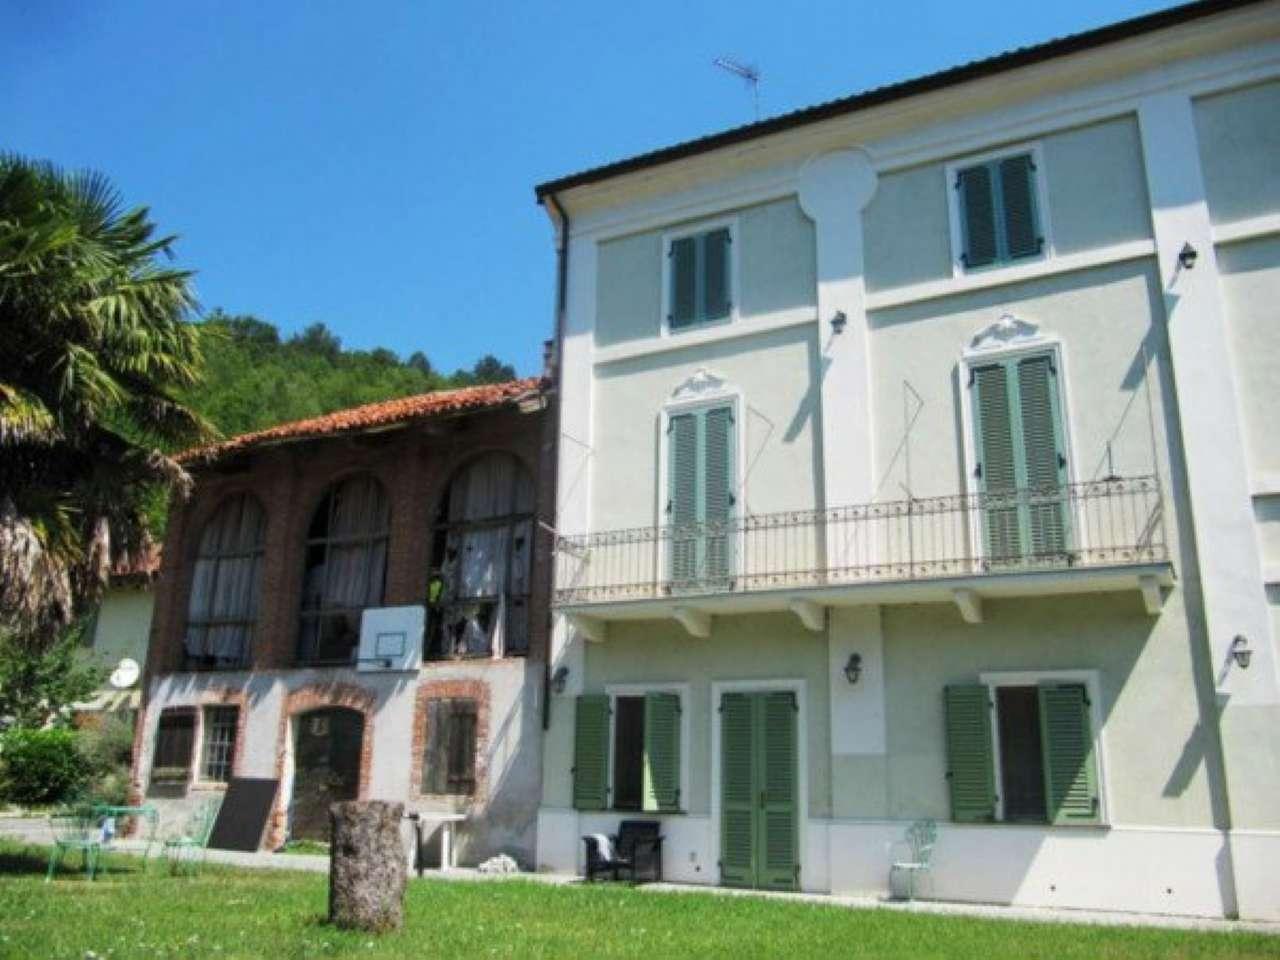 Rustico / Casale in vendita a Rivalba, 15 locali, prezzo € 298.000 | PortaleAgenzieImmobiliari.it